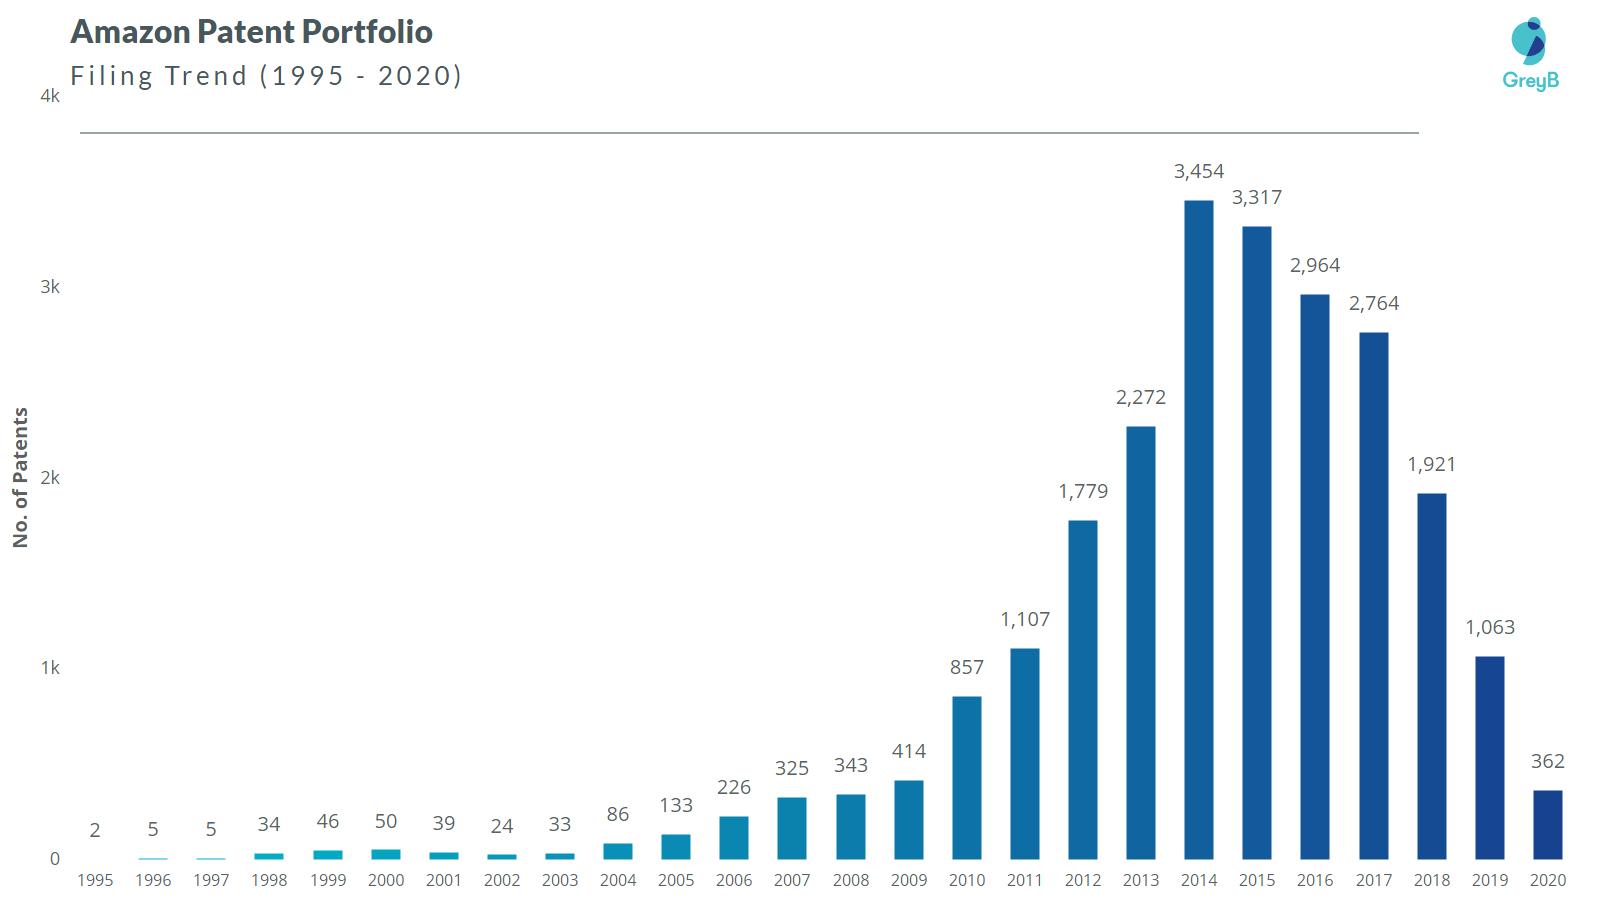 Amazon Patent Portfolio - Filing Trend